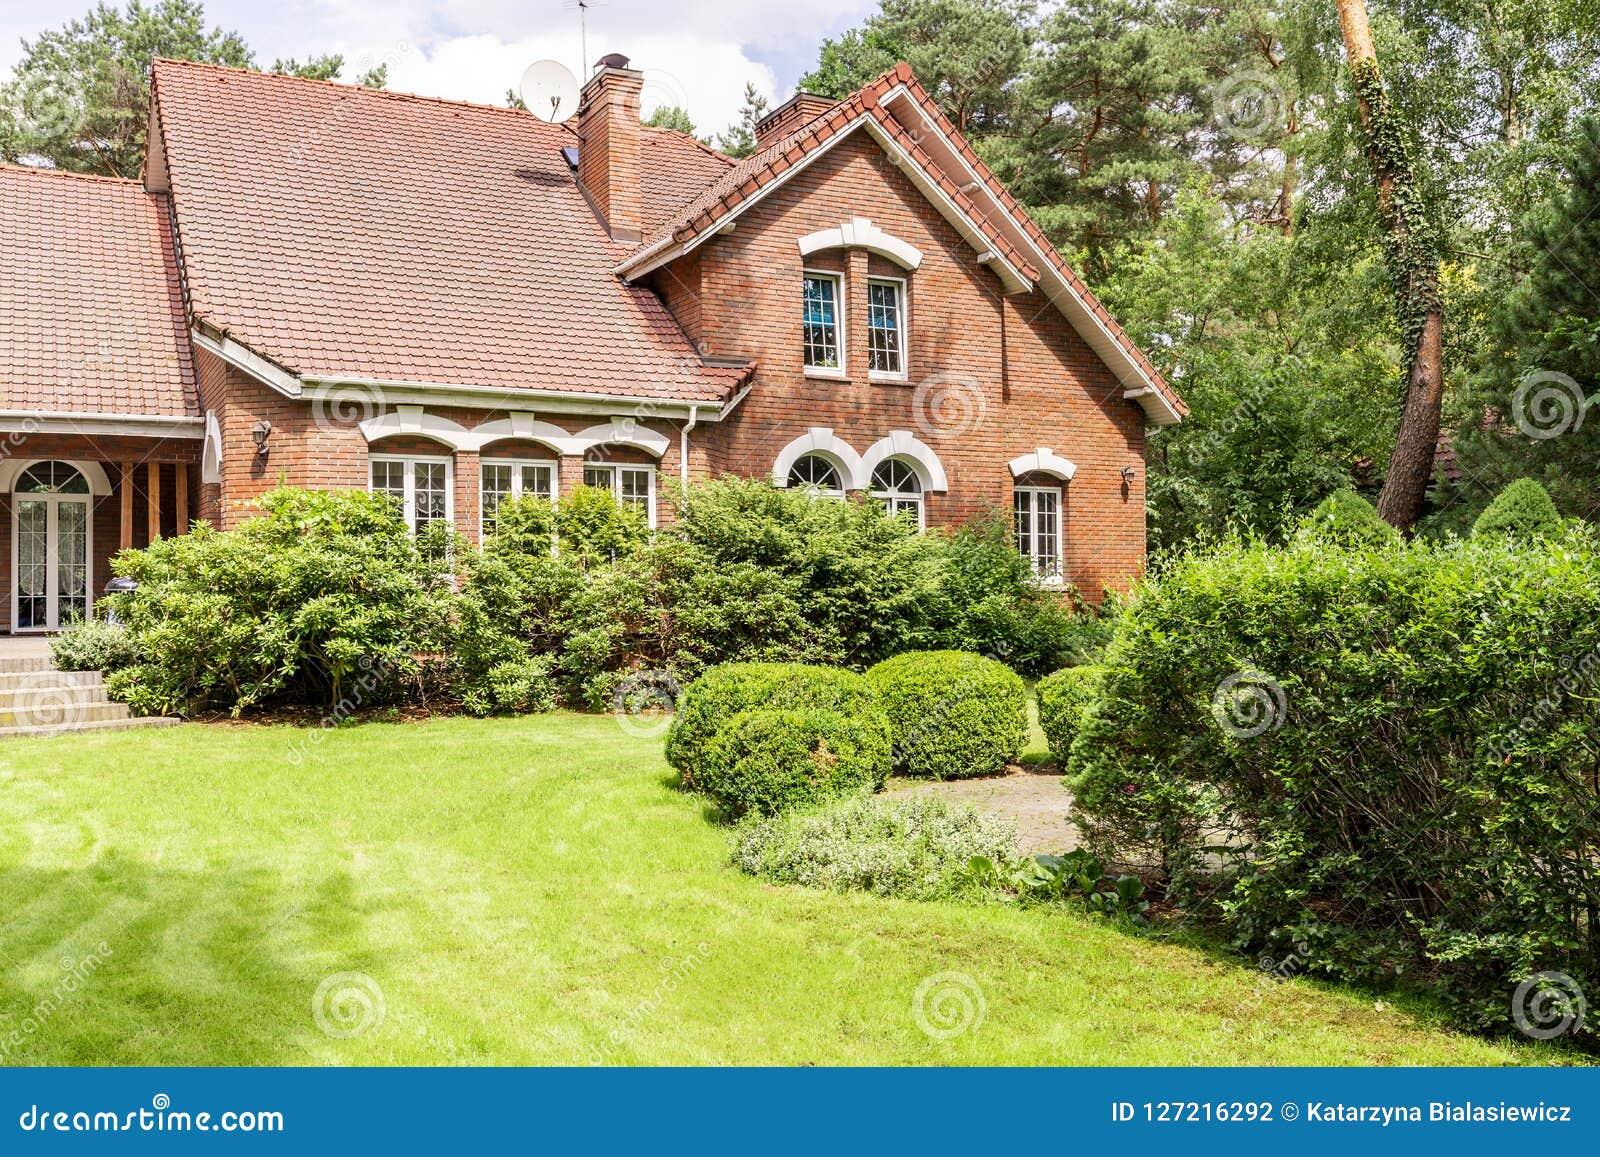 Echte foto van tuin met struiken en mooi baksteenhuis